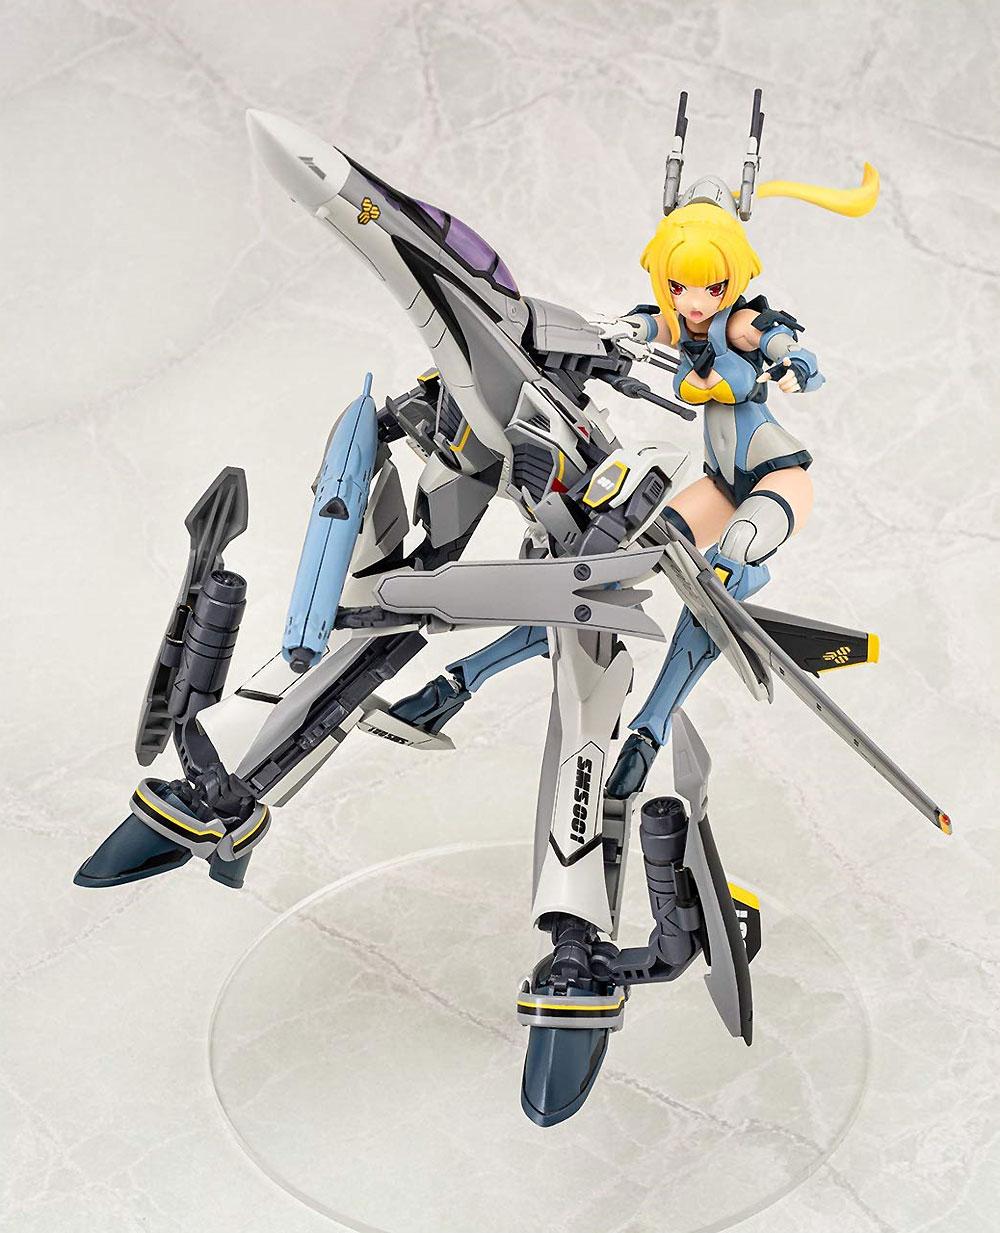 ヴァリアブルファイターガールズ マクロスF VF-25S メサイアプラモデル(アオシマACKS (アオシマ キャラクターキット セレクション)No.MC-006)商品画像_4